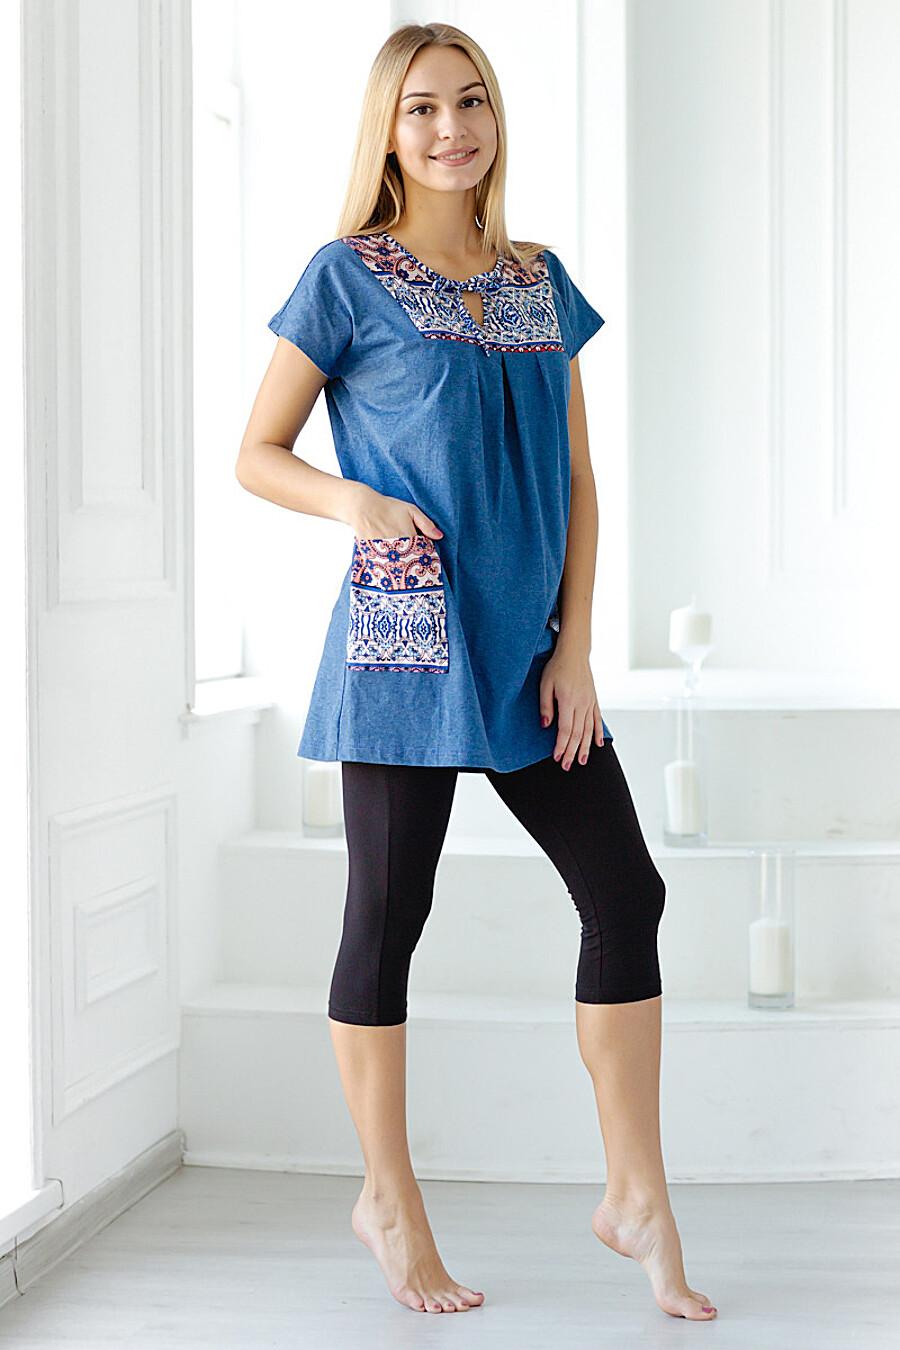 Туника для женщин АМАДЭЛЬ 140575 купить оптом от производителя. Совместная покупка женской одежды в OptMoyo